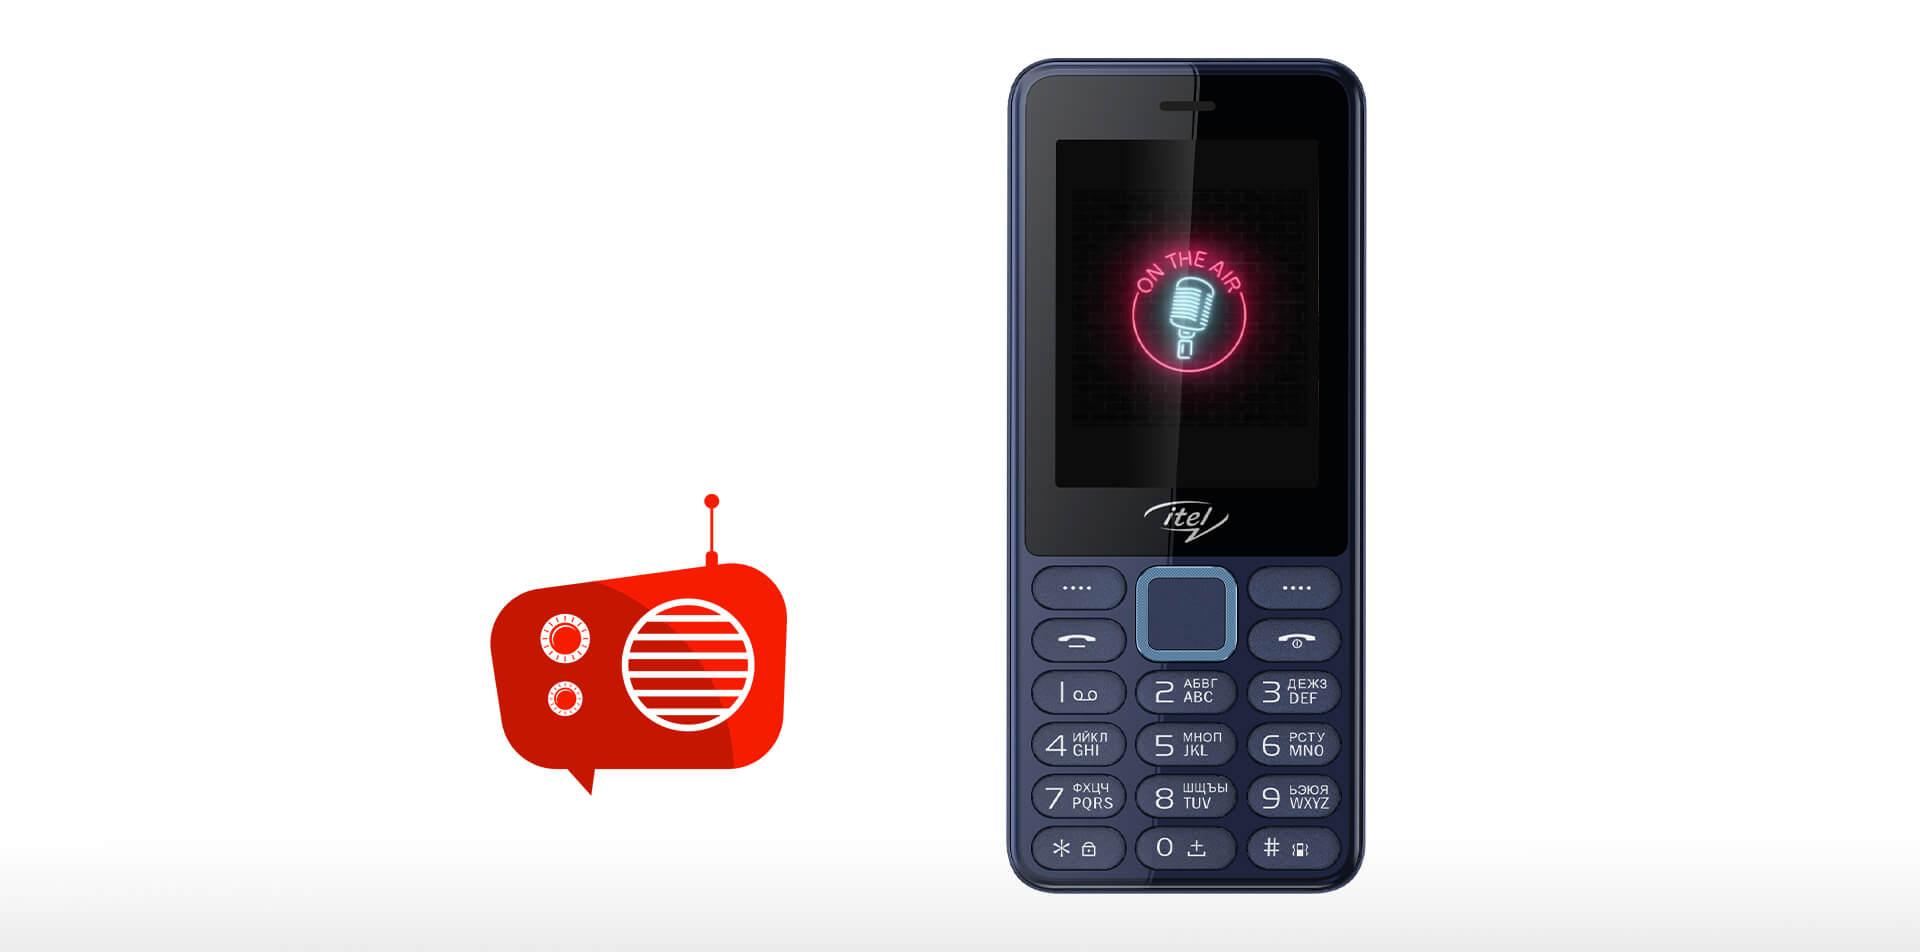 Мобильный телефон IT 5022 4